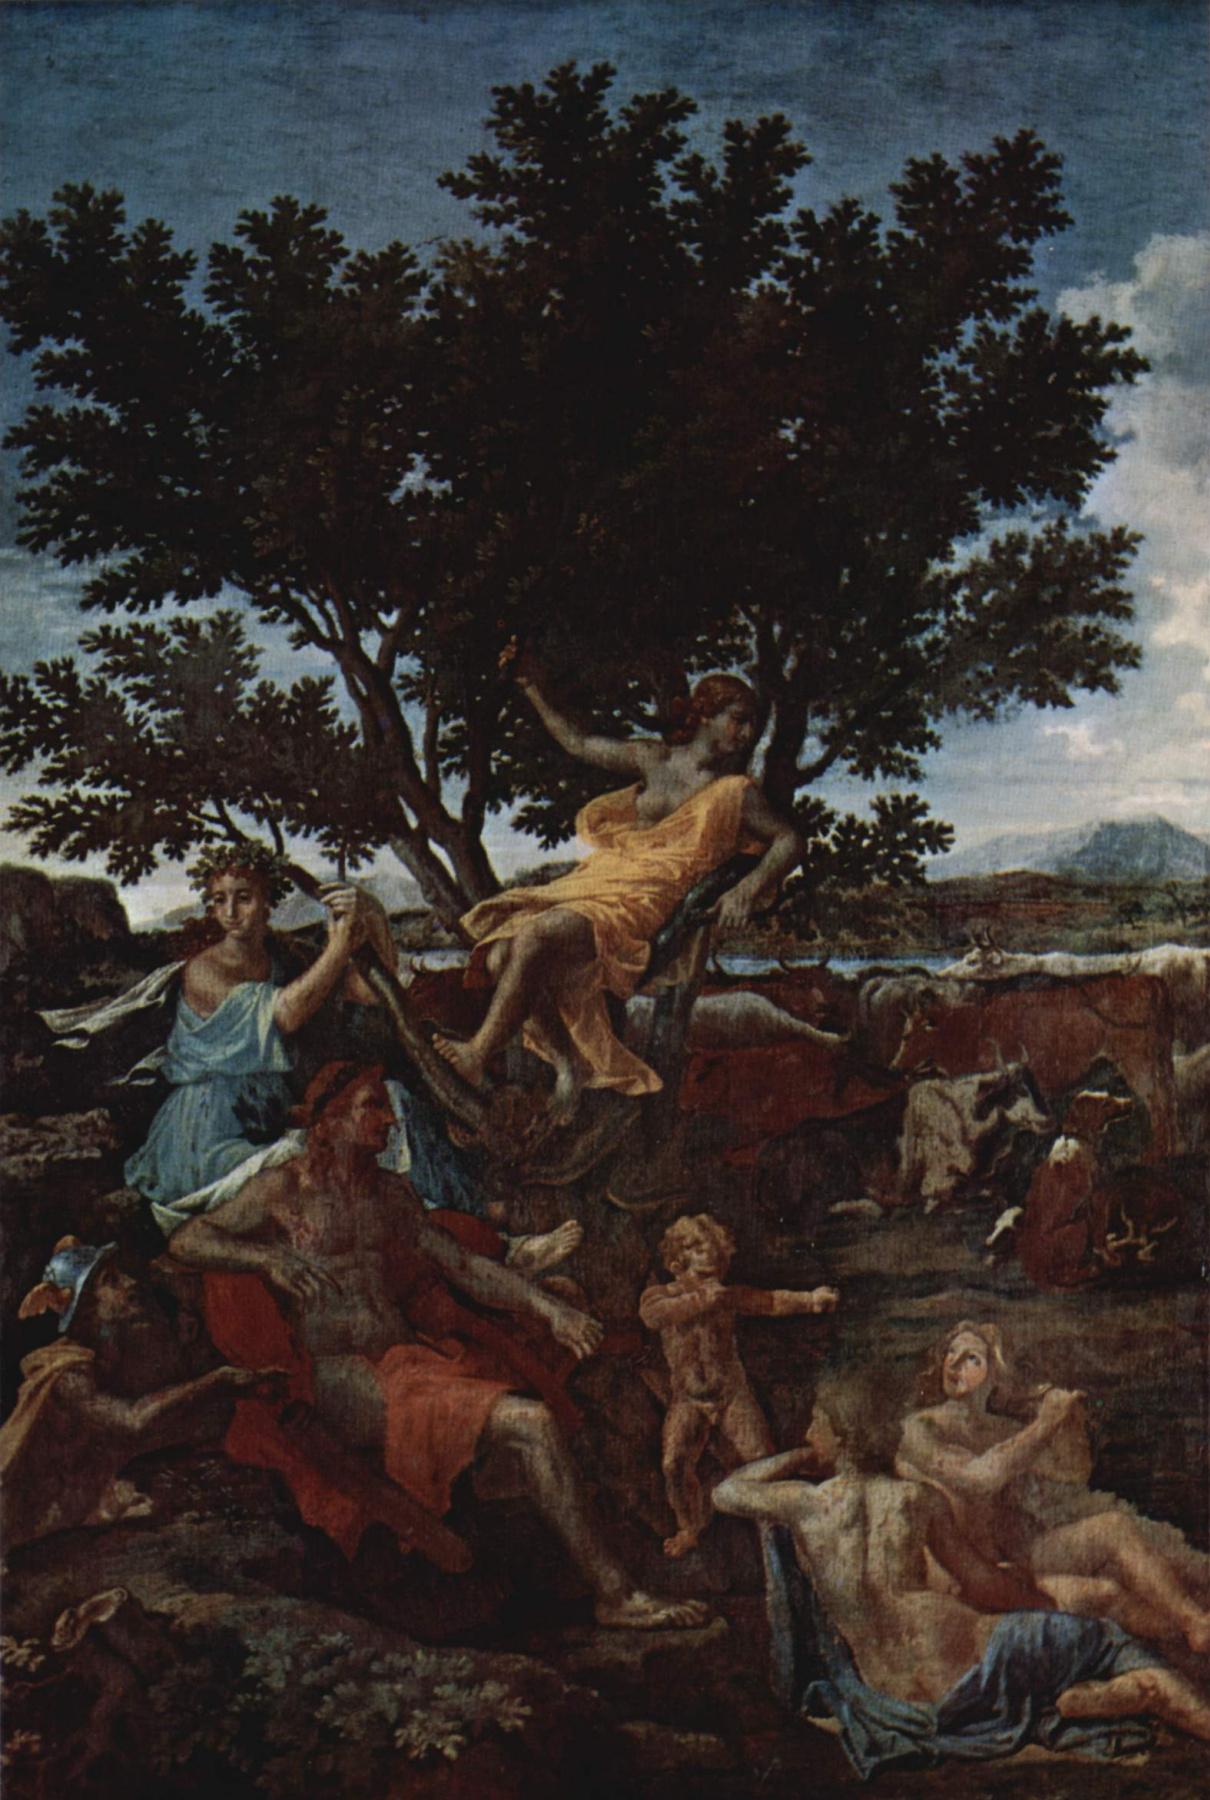 Nicolas Poussin. Apollo and Daphne